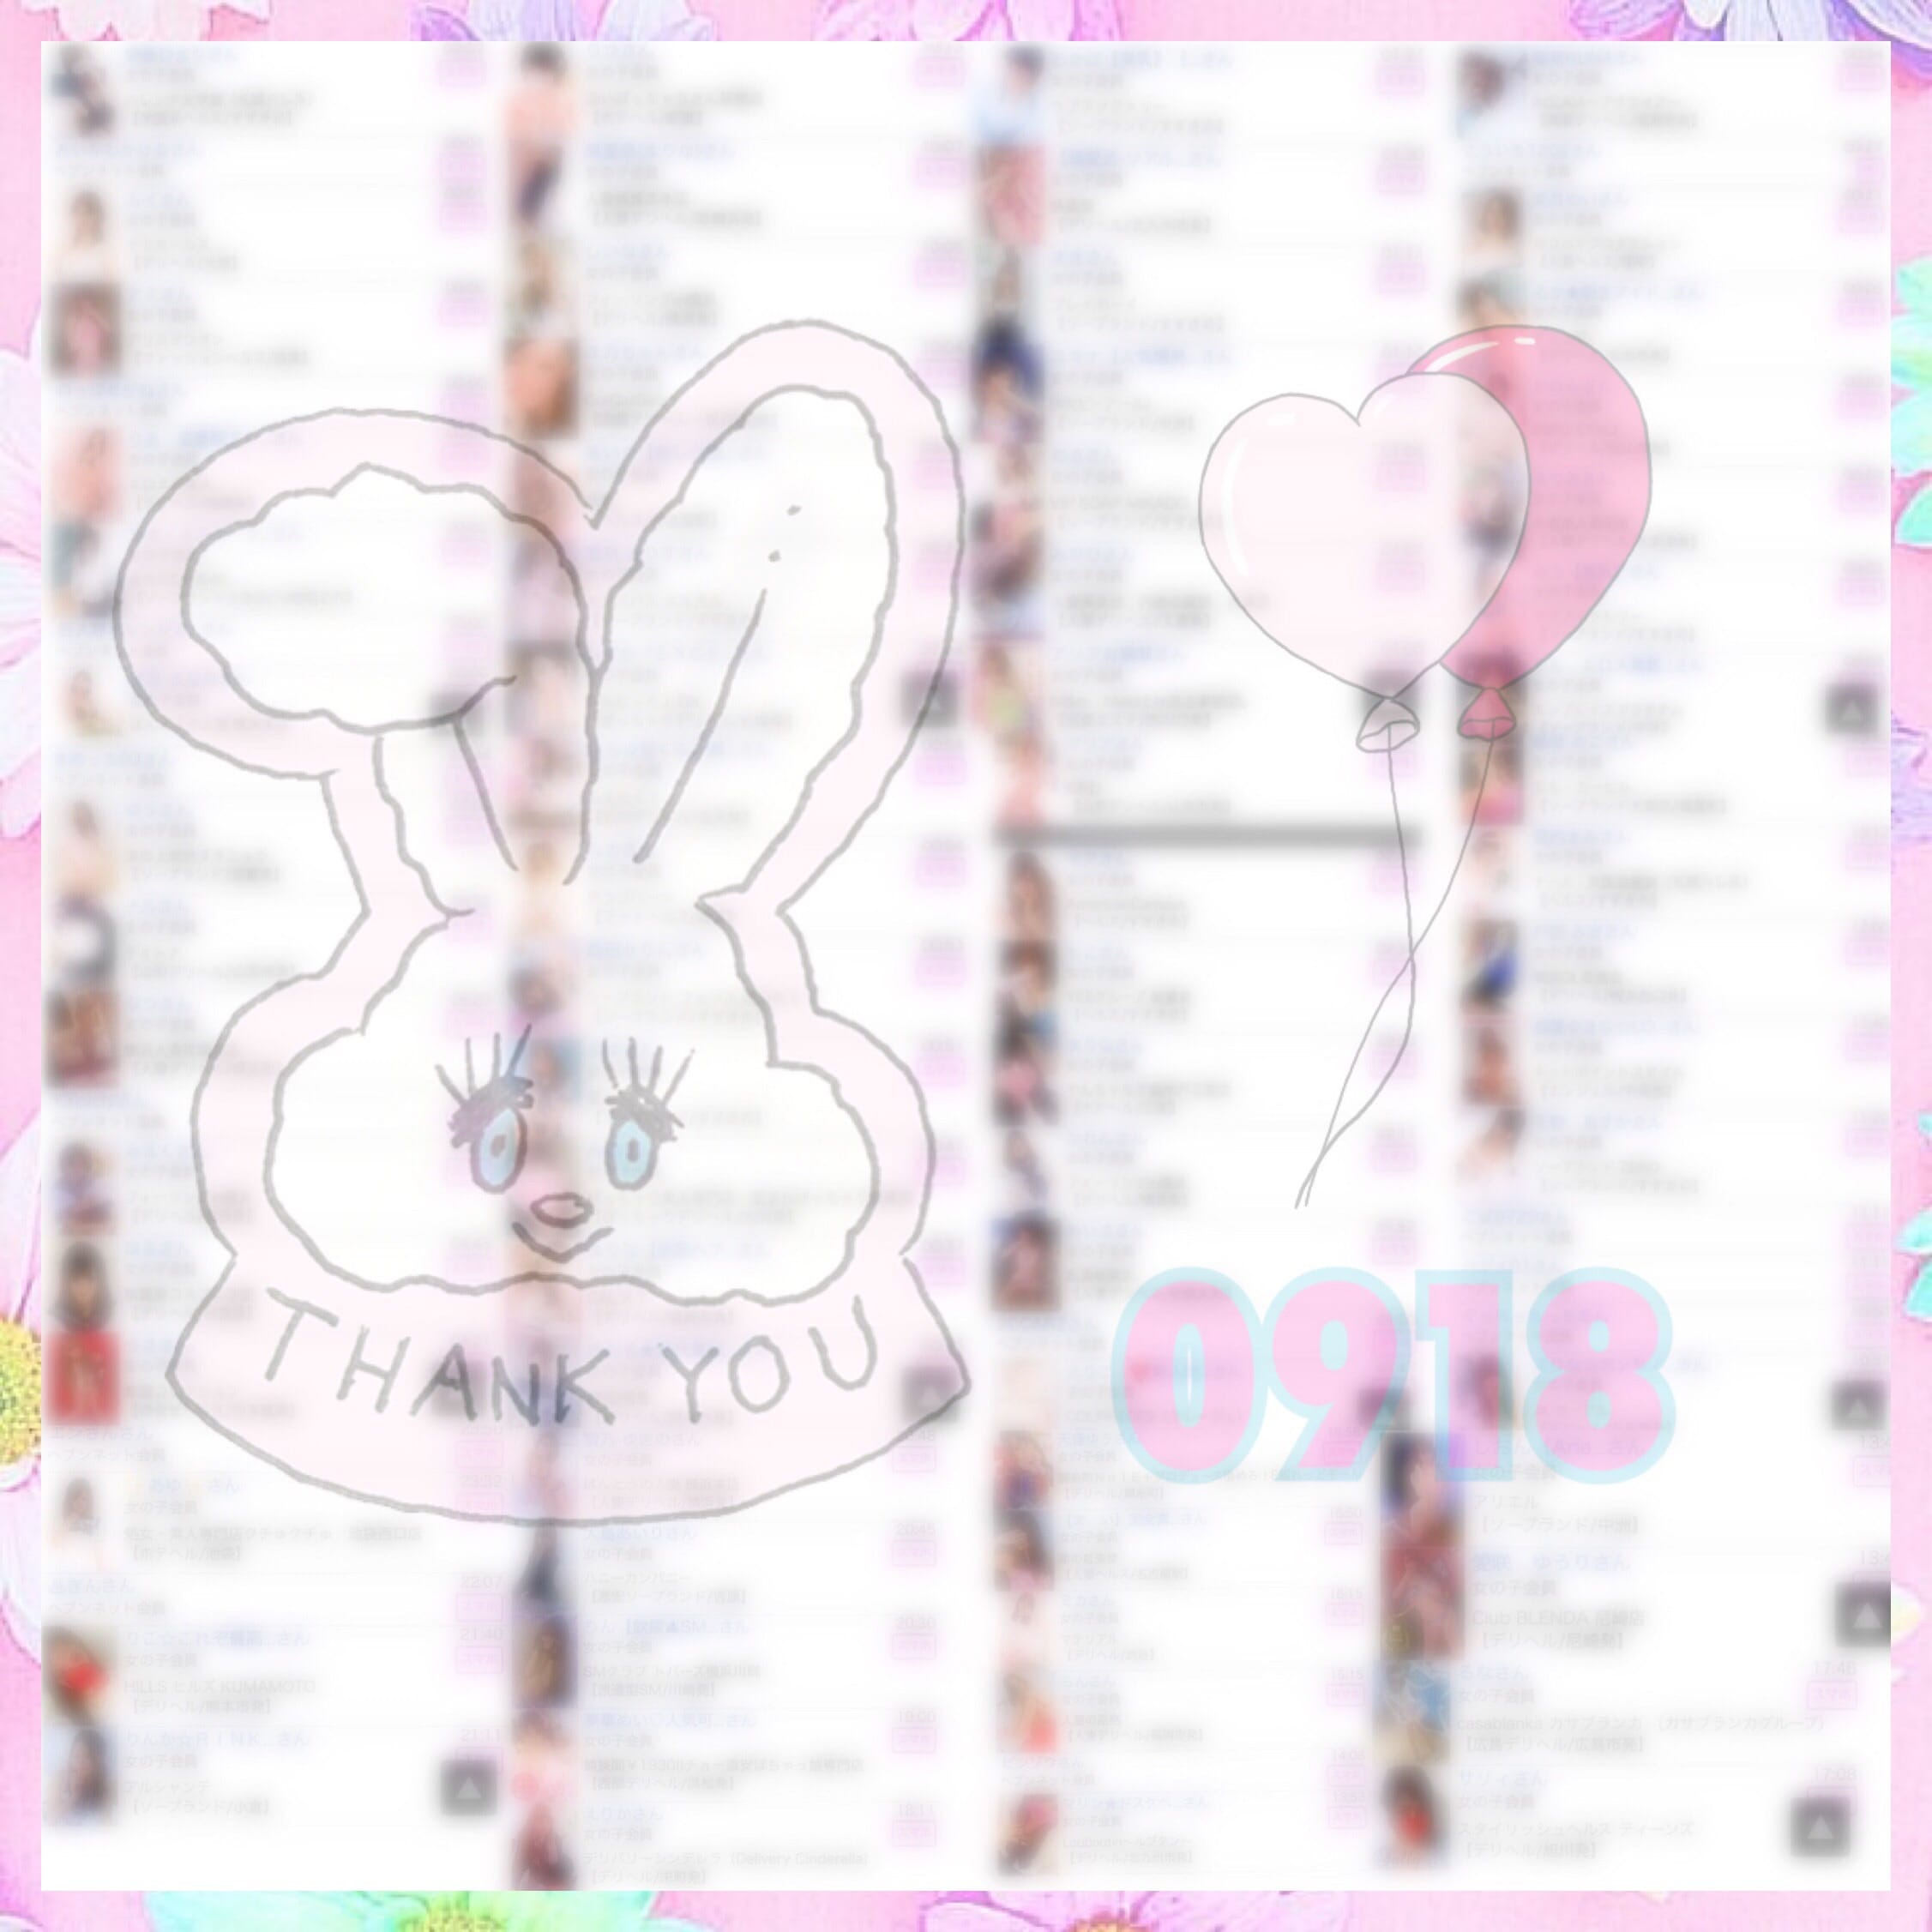 「18日みたよ( ´o` )」09/19(火) 13:03 | まりなの写メ・風俗動画